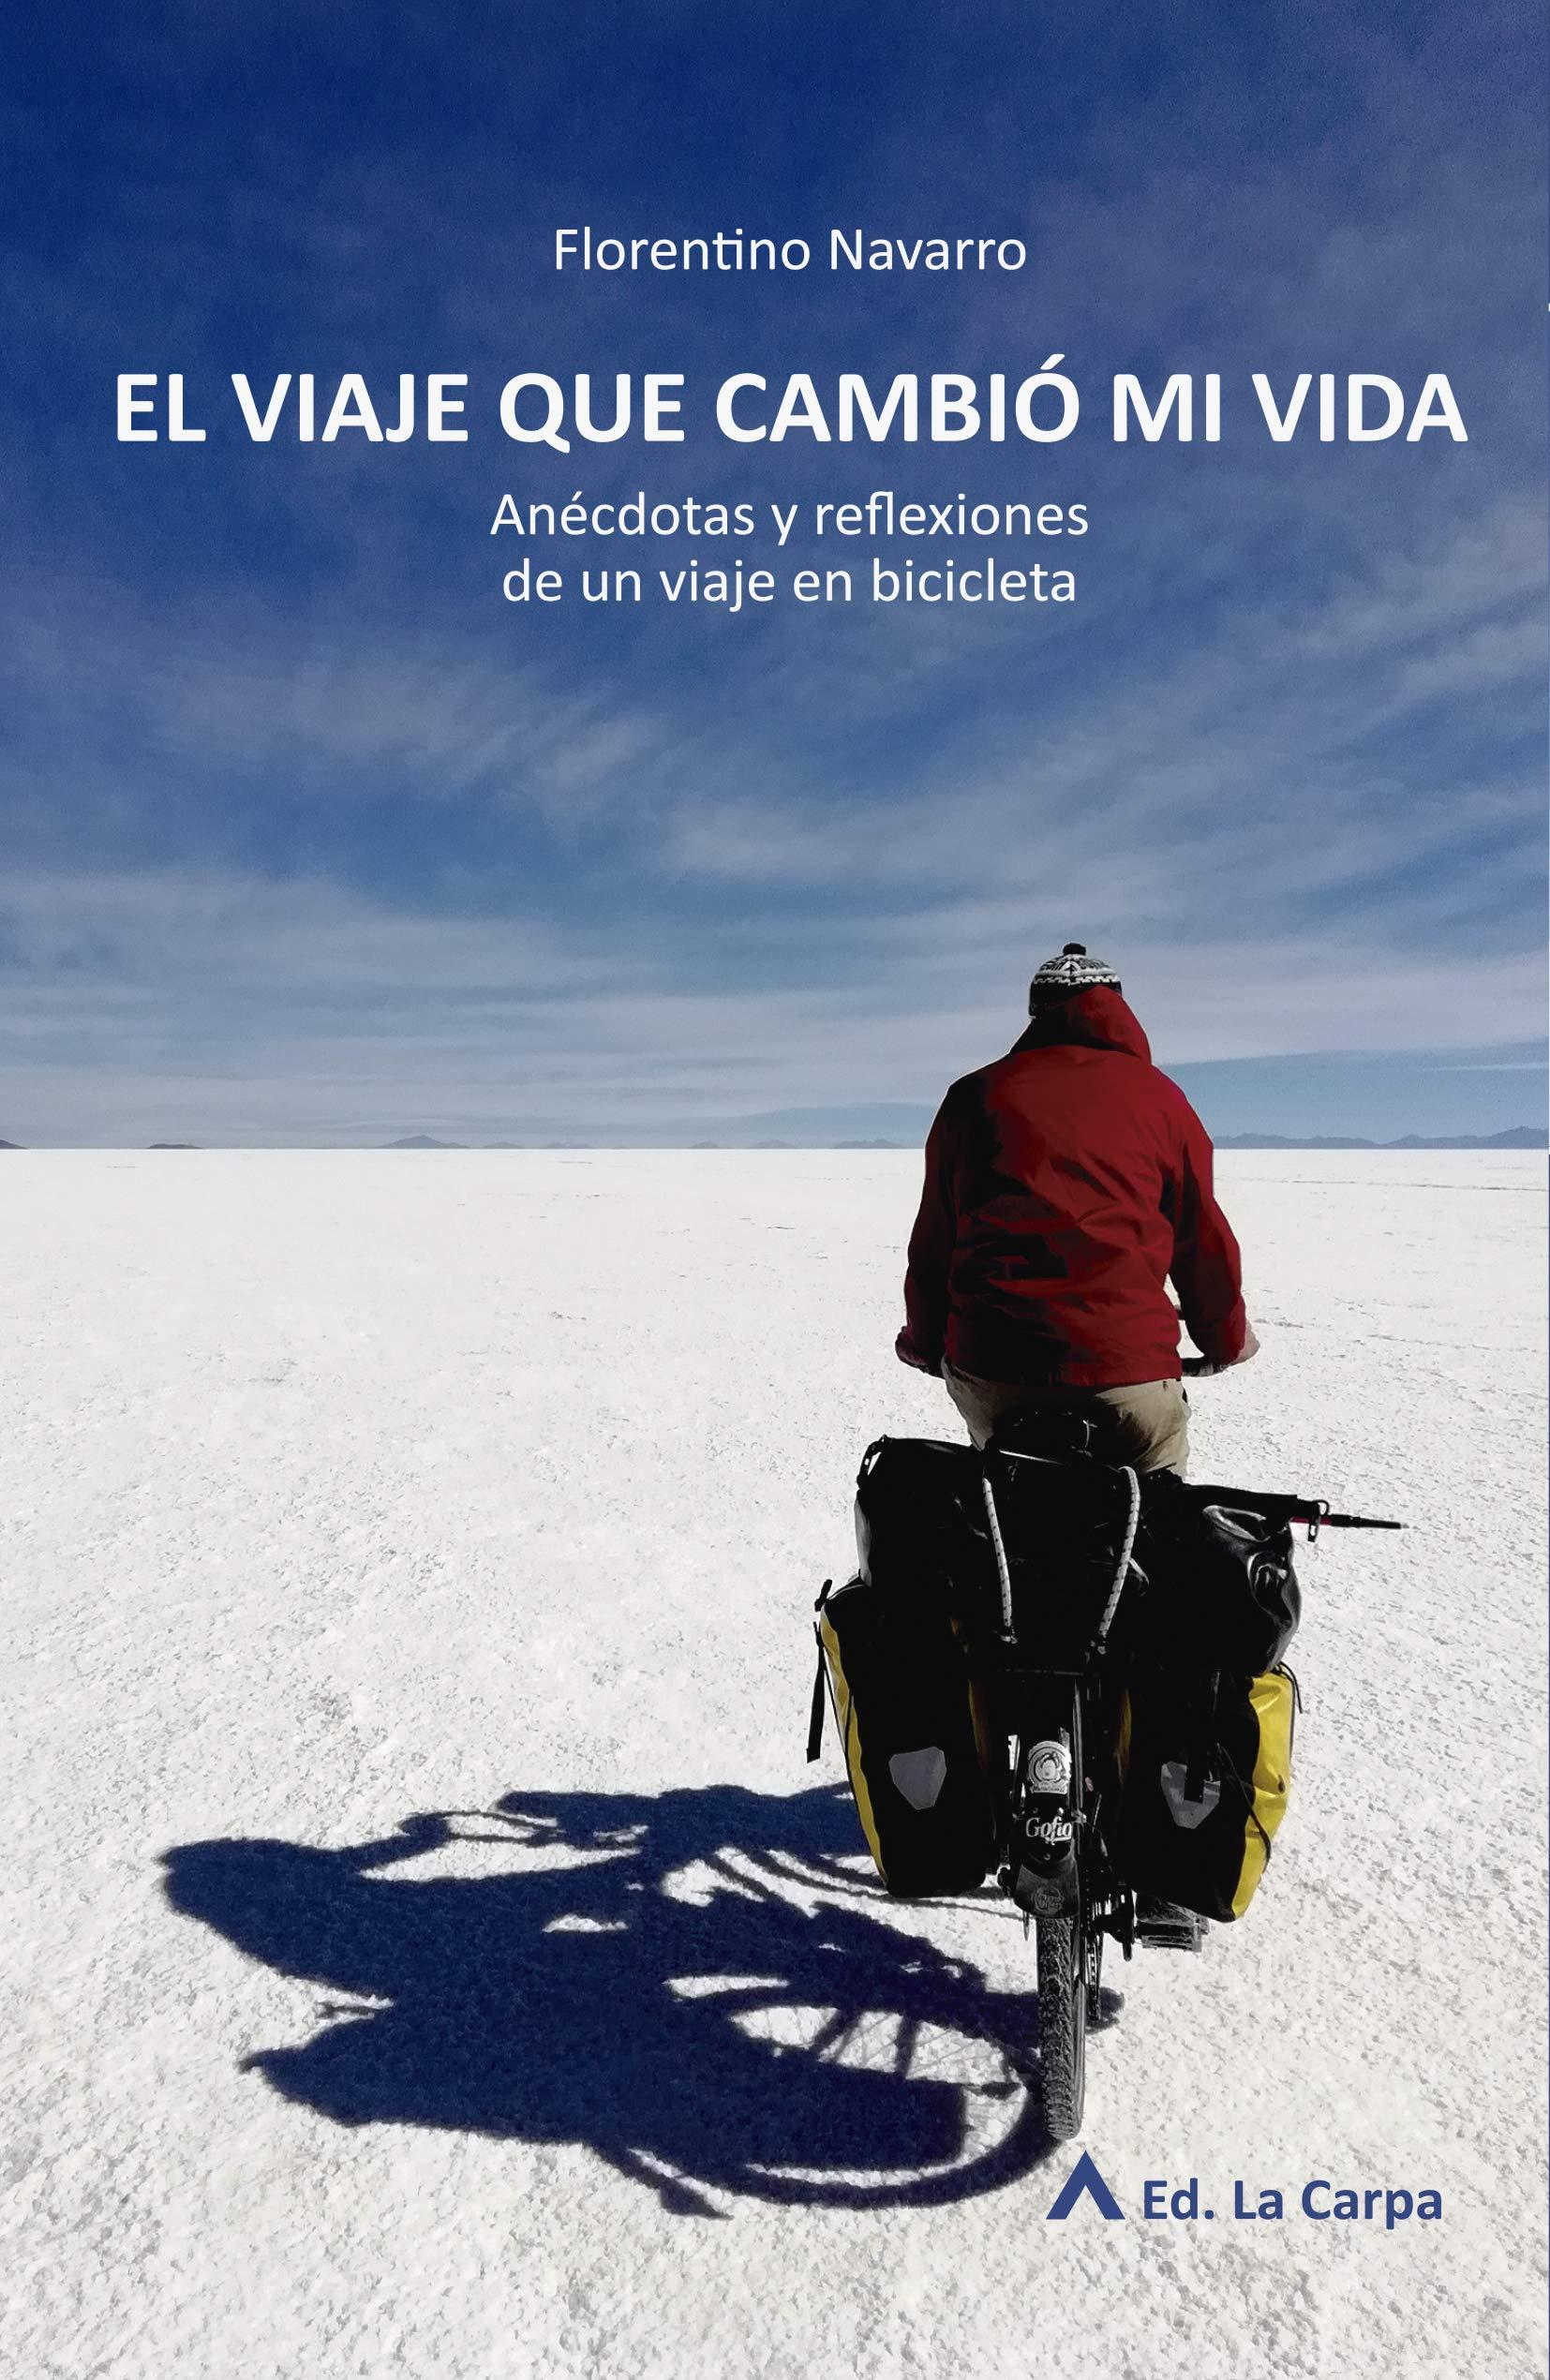 EL VIAJE QUE CAMBIÓ MI VIDA: Anécdotas y reflexiones de un viaje en bicicleta  (La golondrina y el caracol)